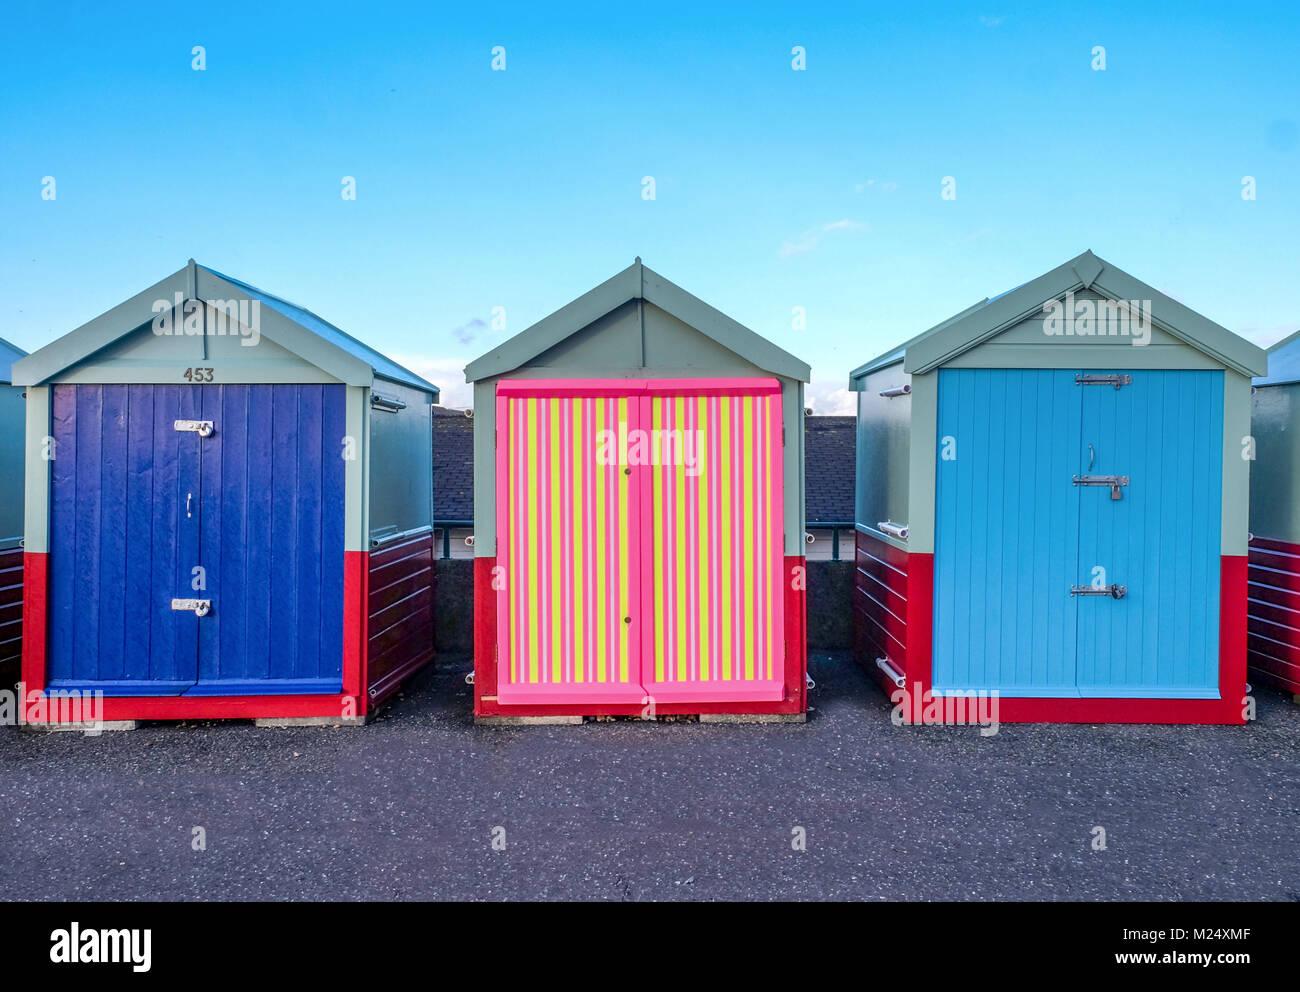 Brighton Seafront tre cabine, due con porte blu e quello al centro ha un multi porta colorati di giallo, rosa, strisce Immagini Stock